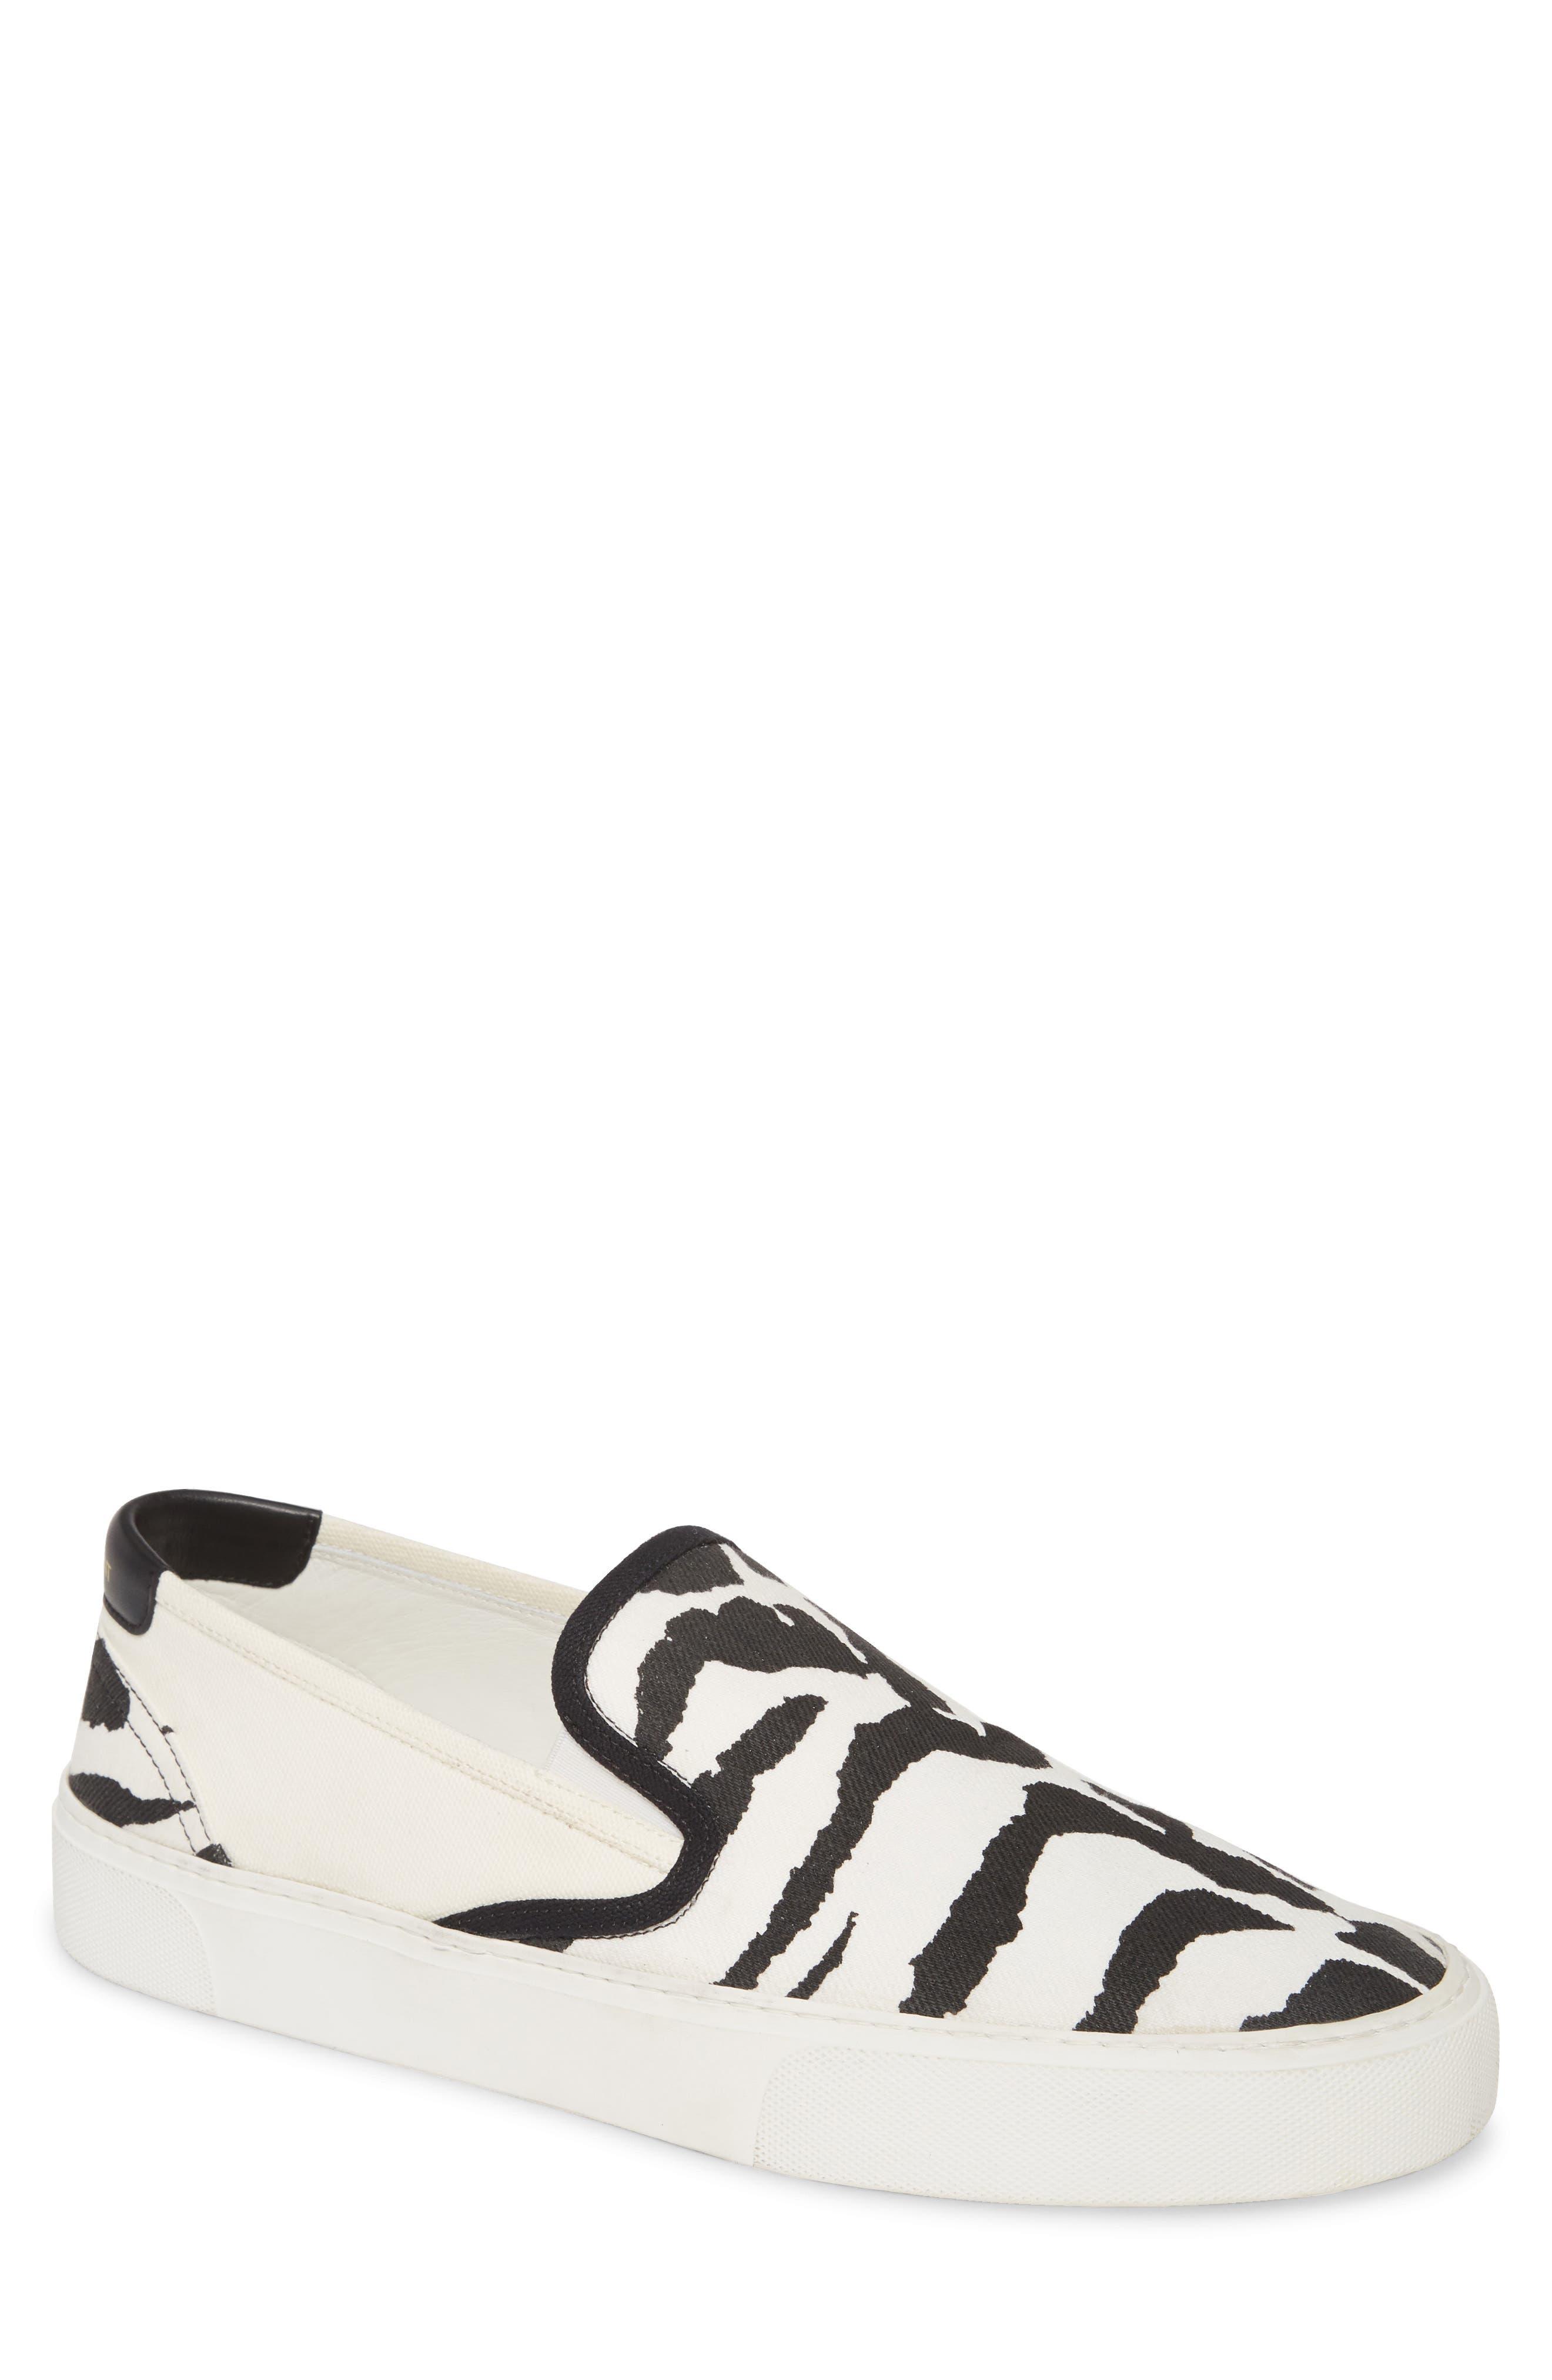 Saint Laurent Venice Slip-On Sneaker